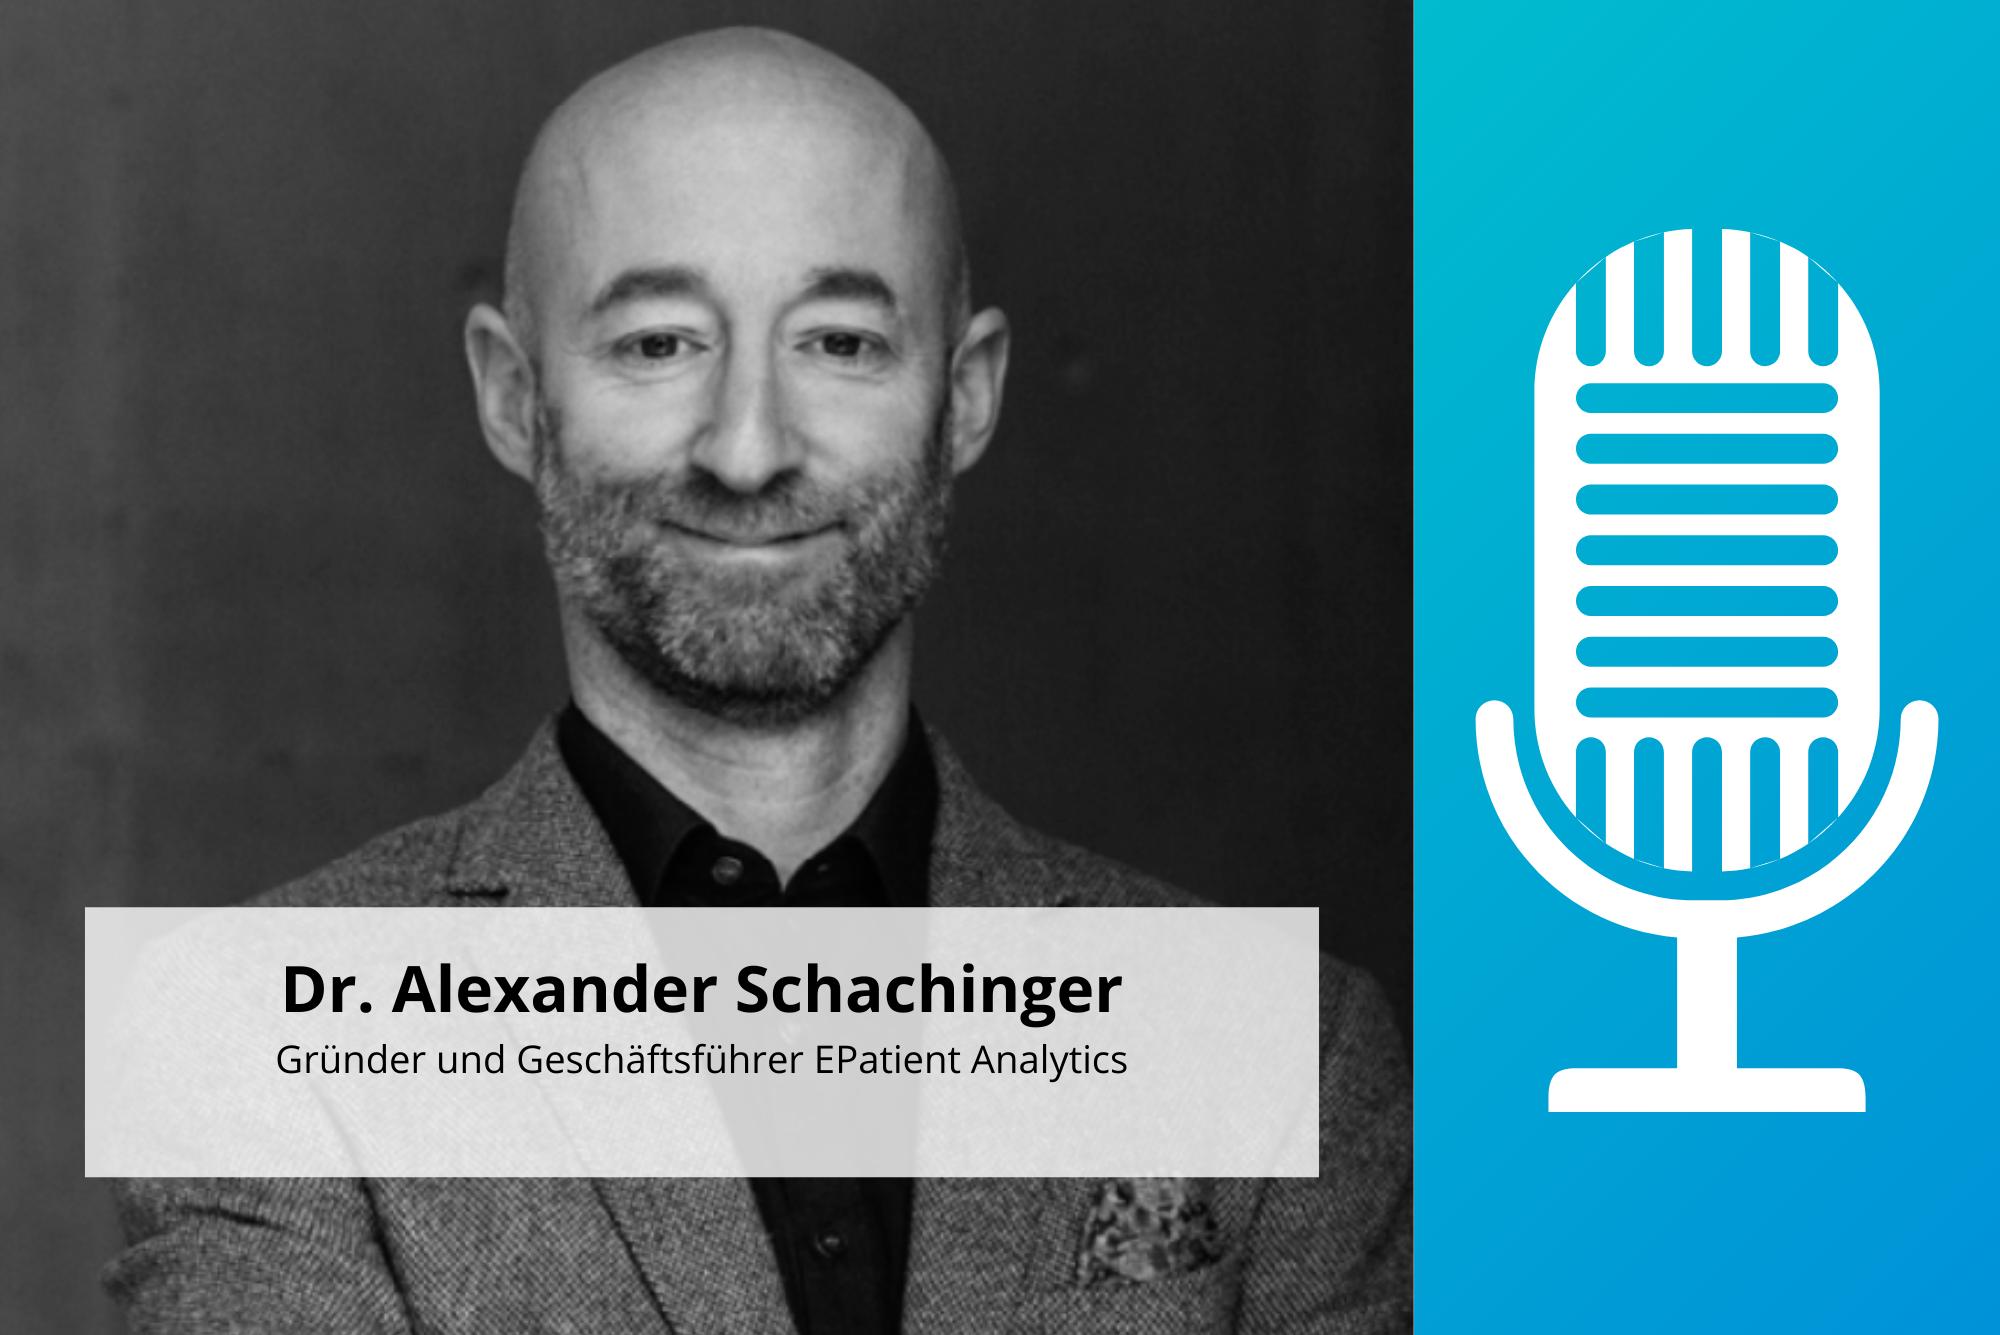 Dr. Alexander Schachinger